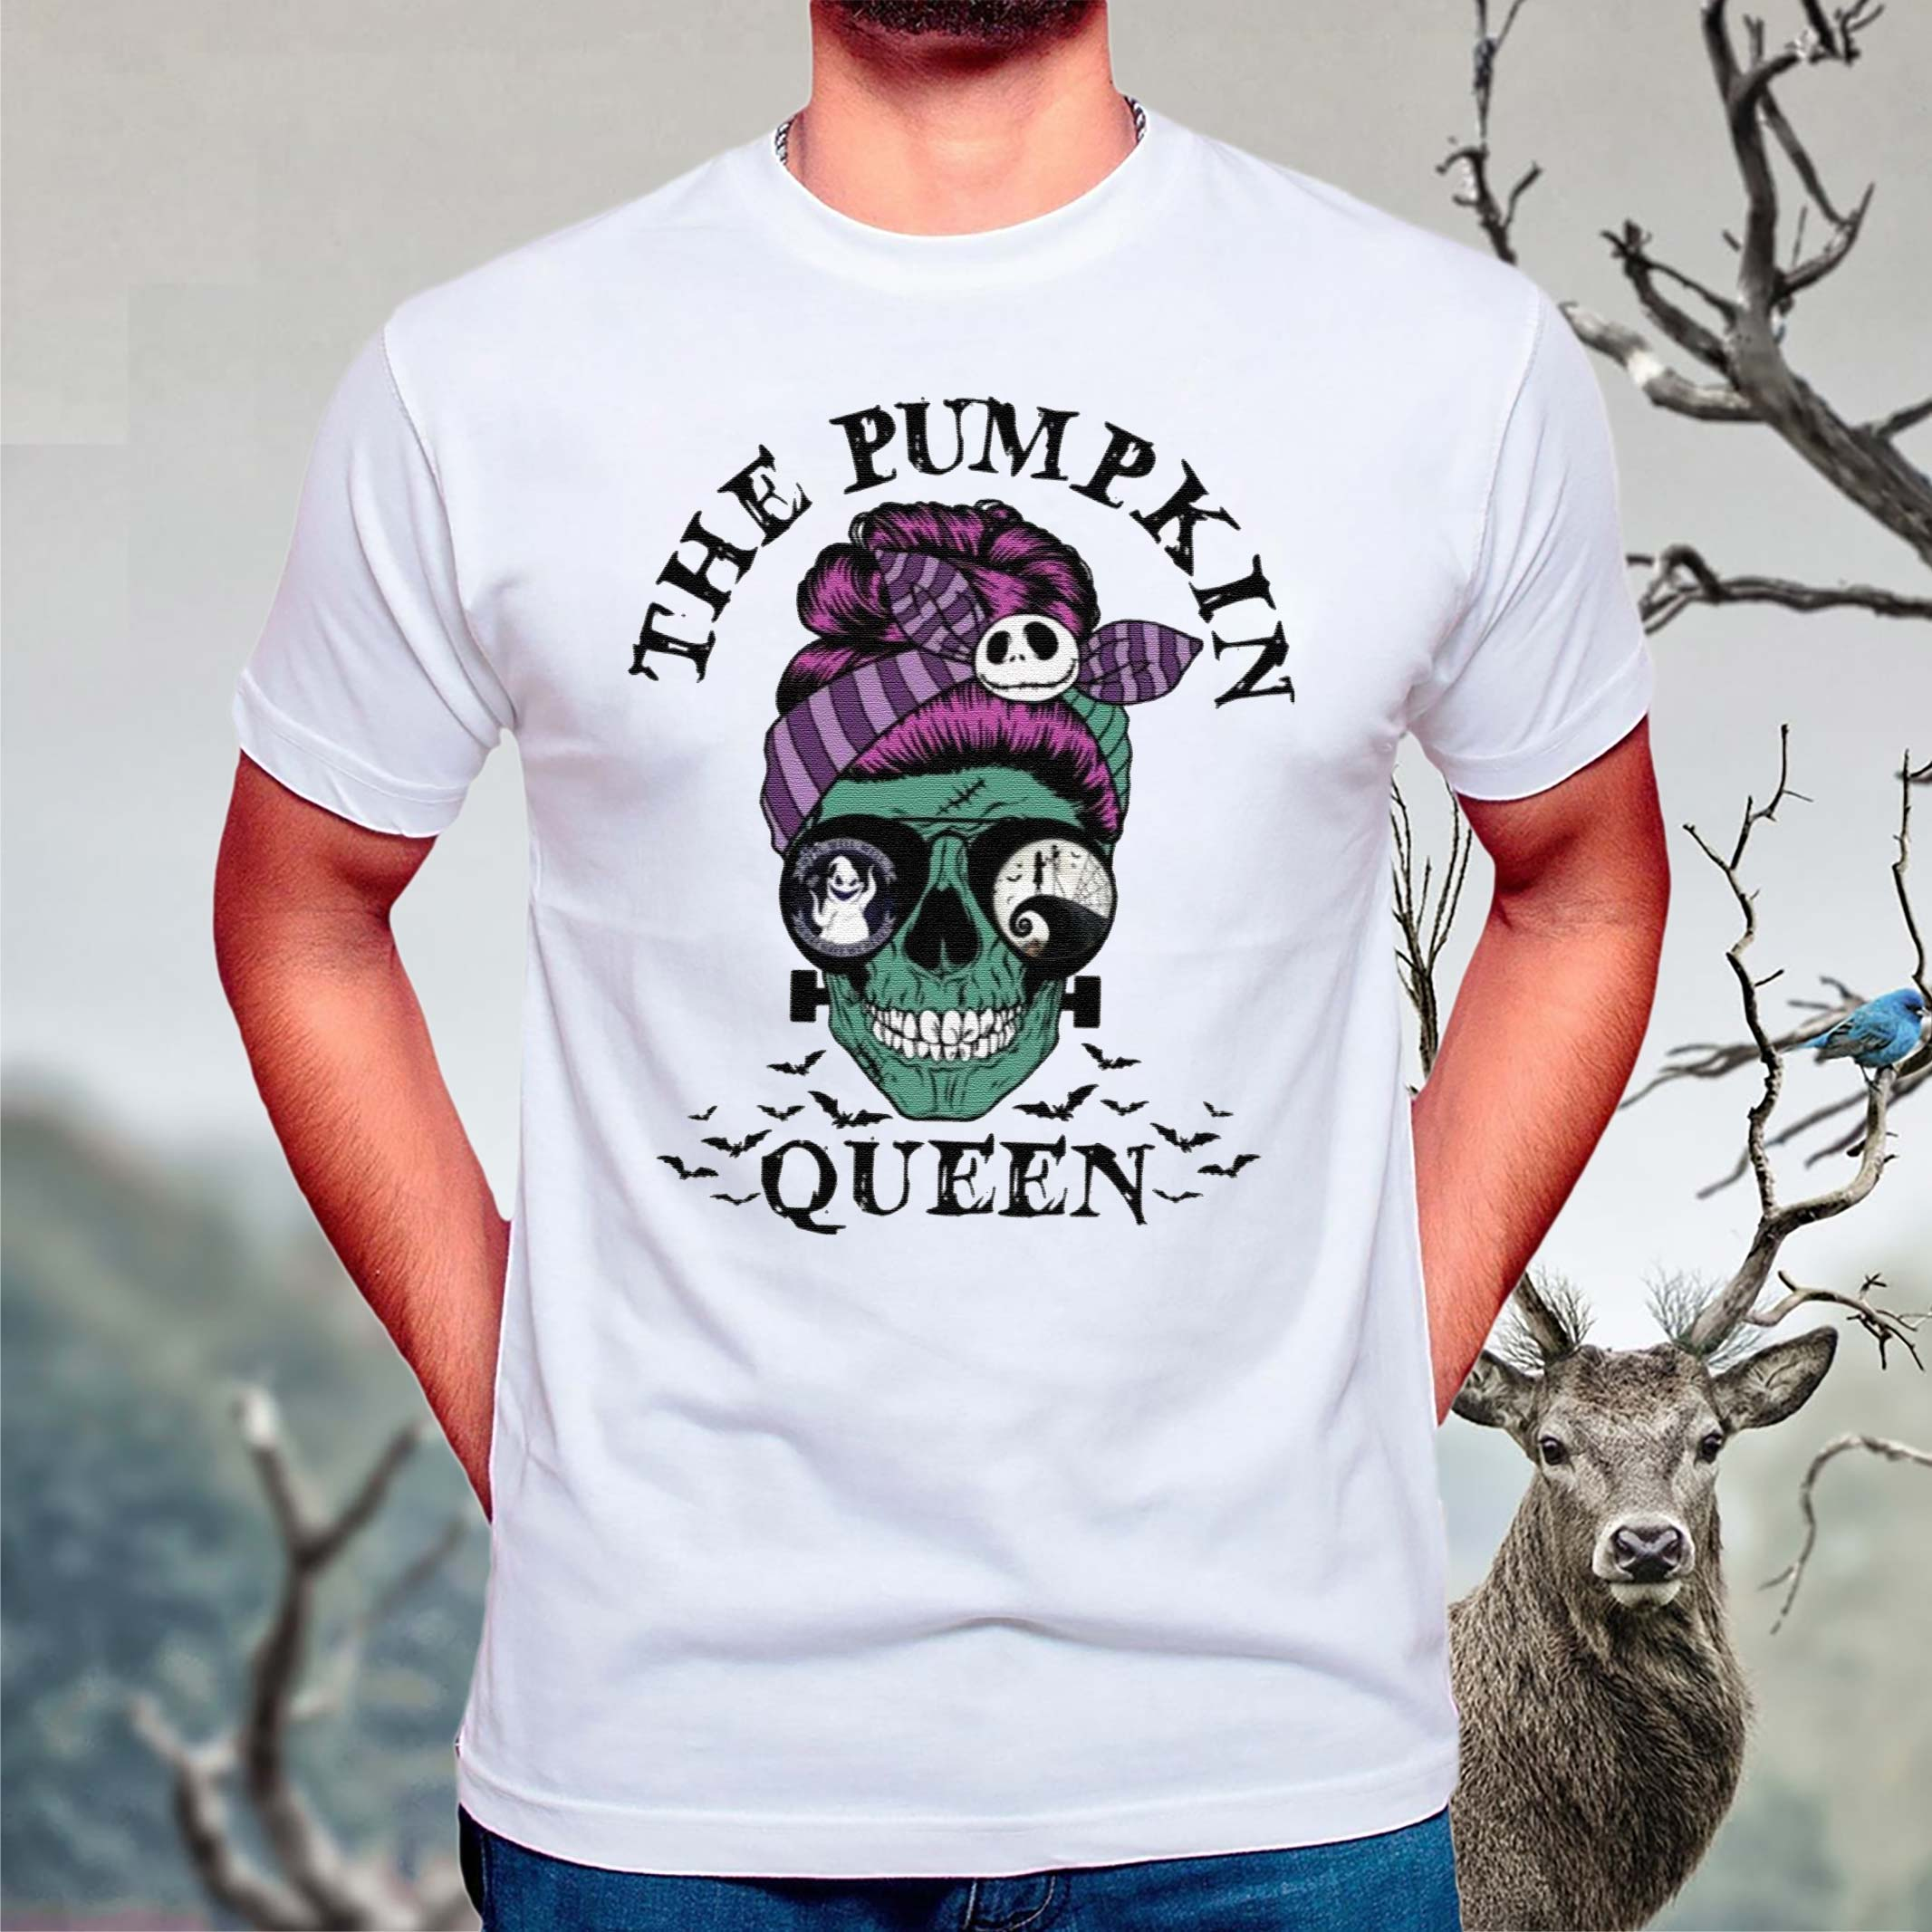 The-Pumpkin-Queen-shirts